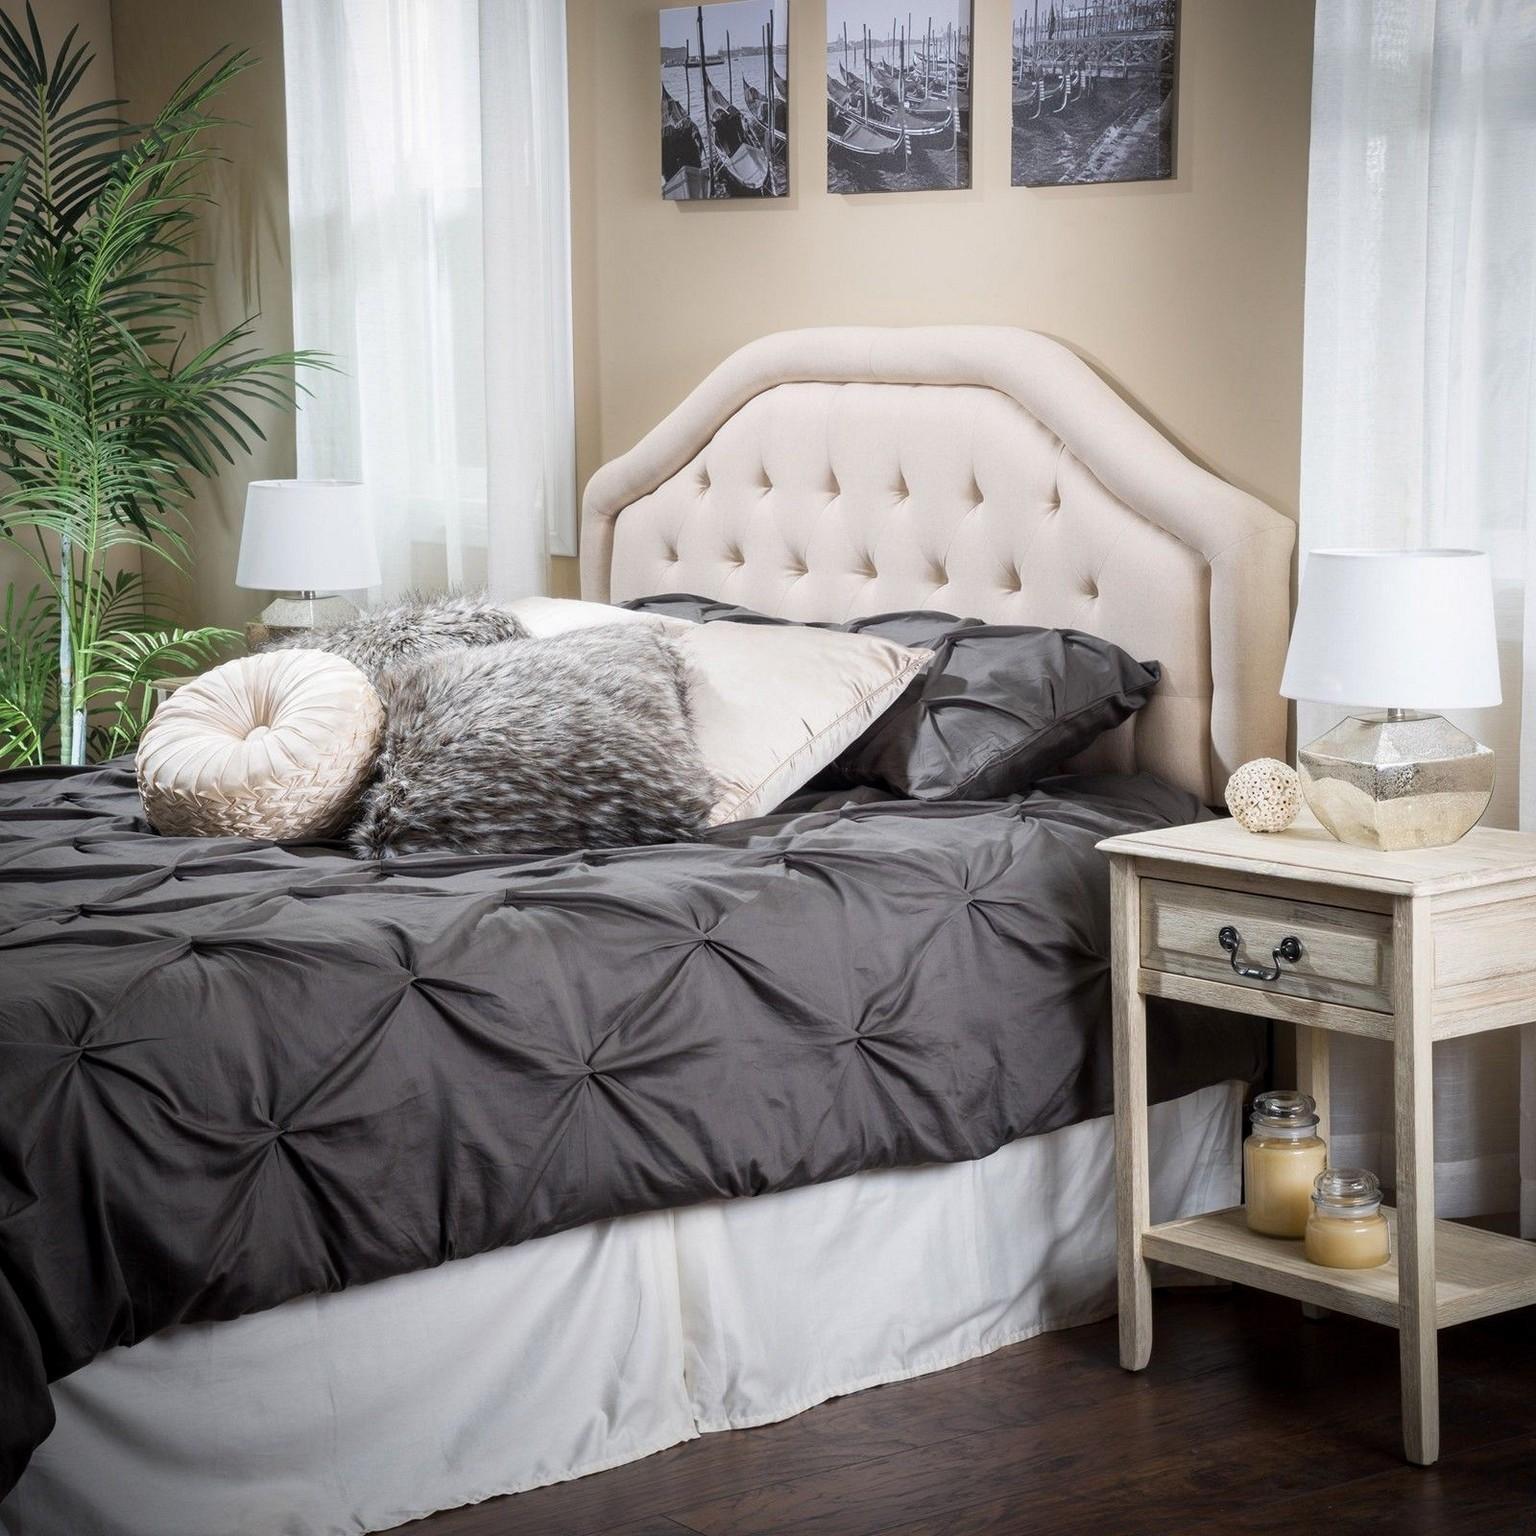 Diy Upholstered Headboard Nice Bedroom Ideas Decoratorist 15391